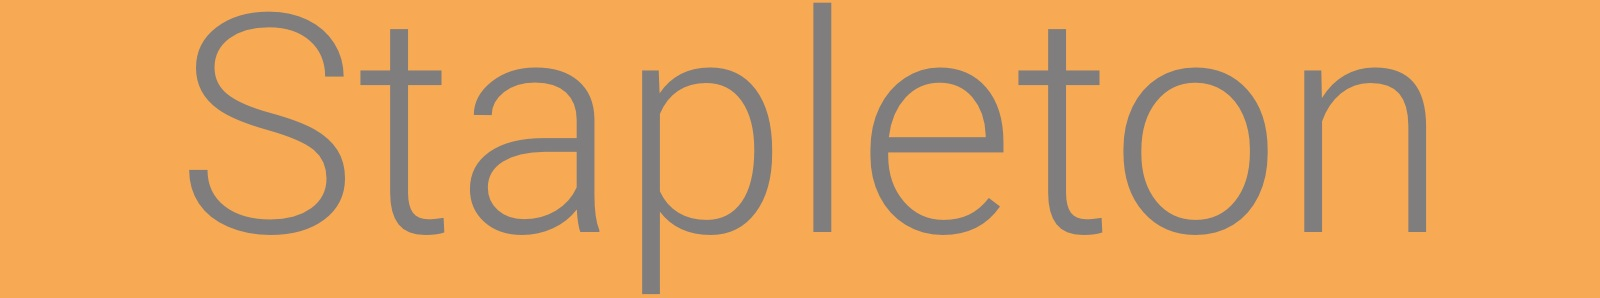 Stapleton-plain.jpg